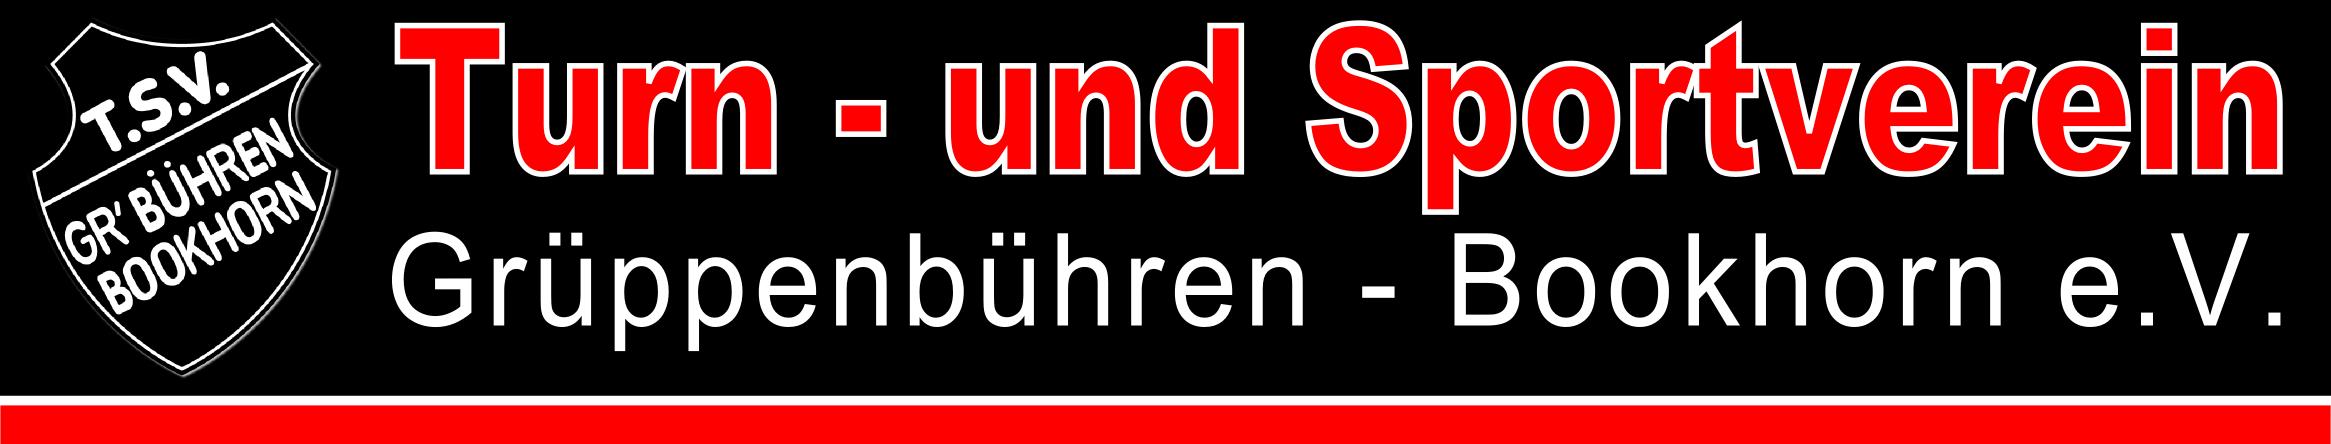 TSV Grüppenbühren Bookhorn e.V.